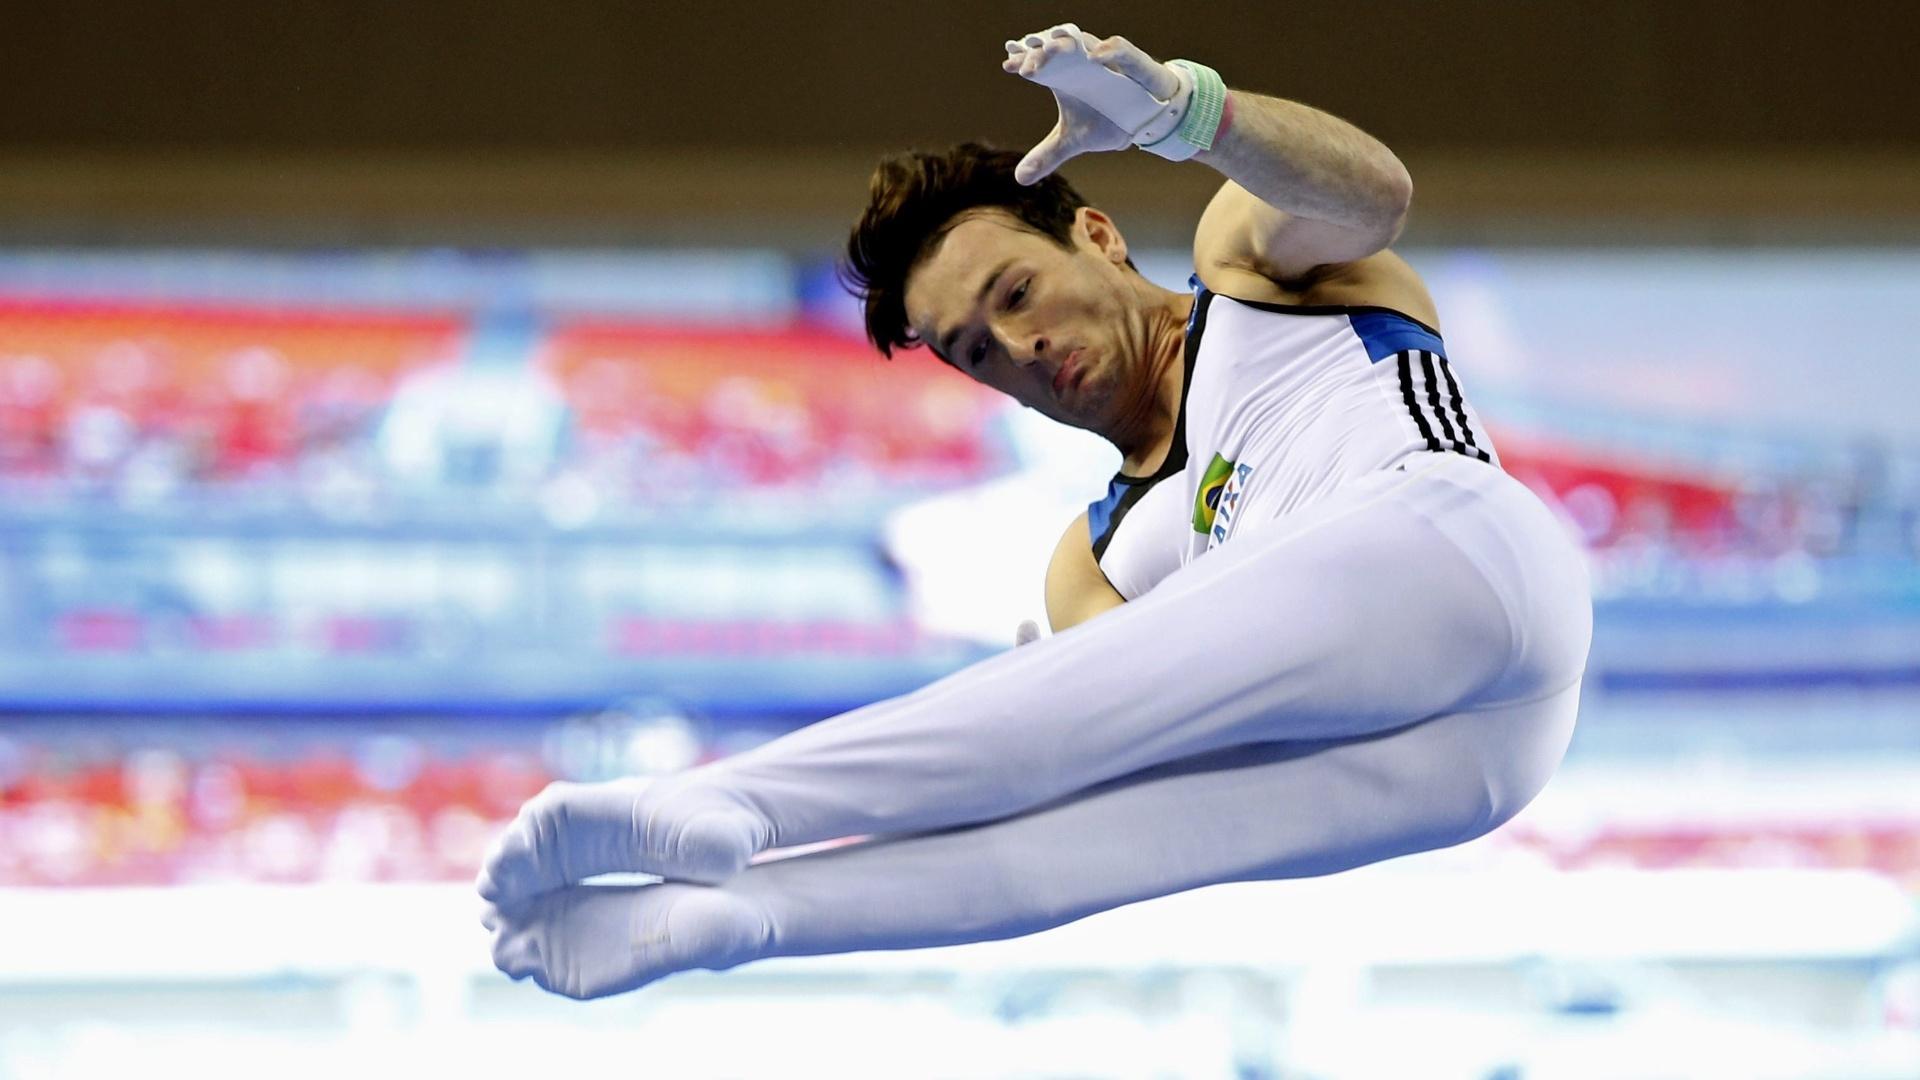 03. out. 2014 - Diego Hypolito faz apresentação na barra fixa no Mundial de Ginástica Artística, na China